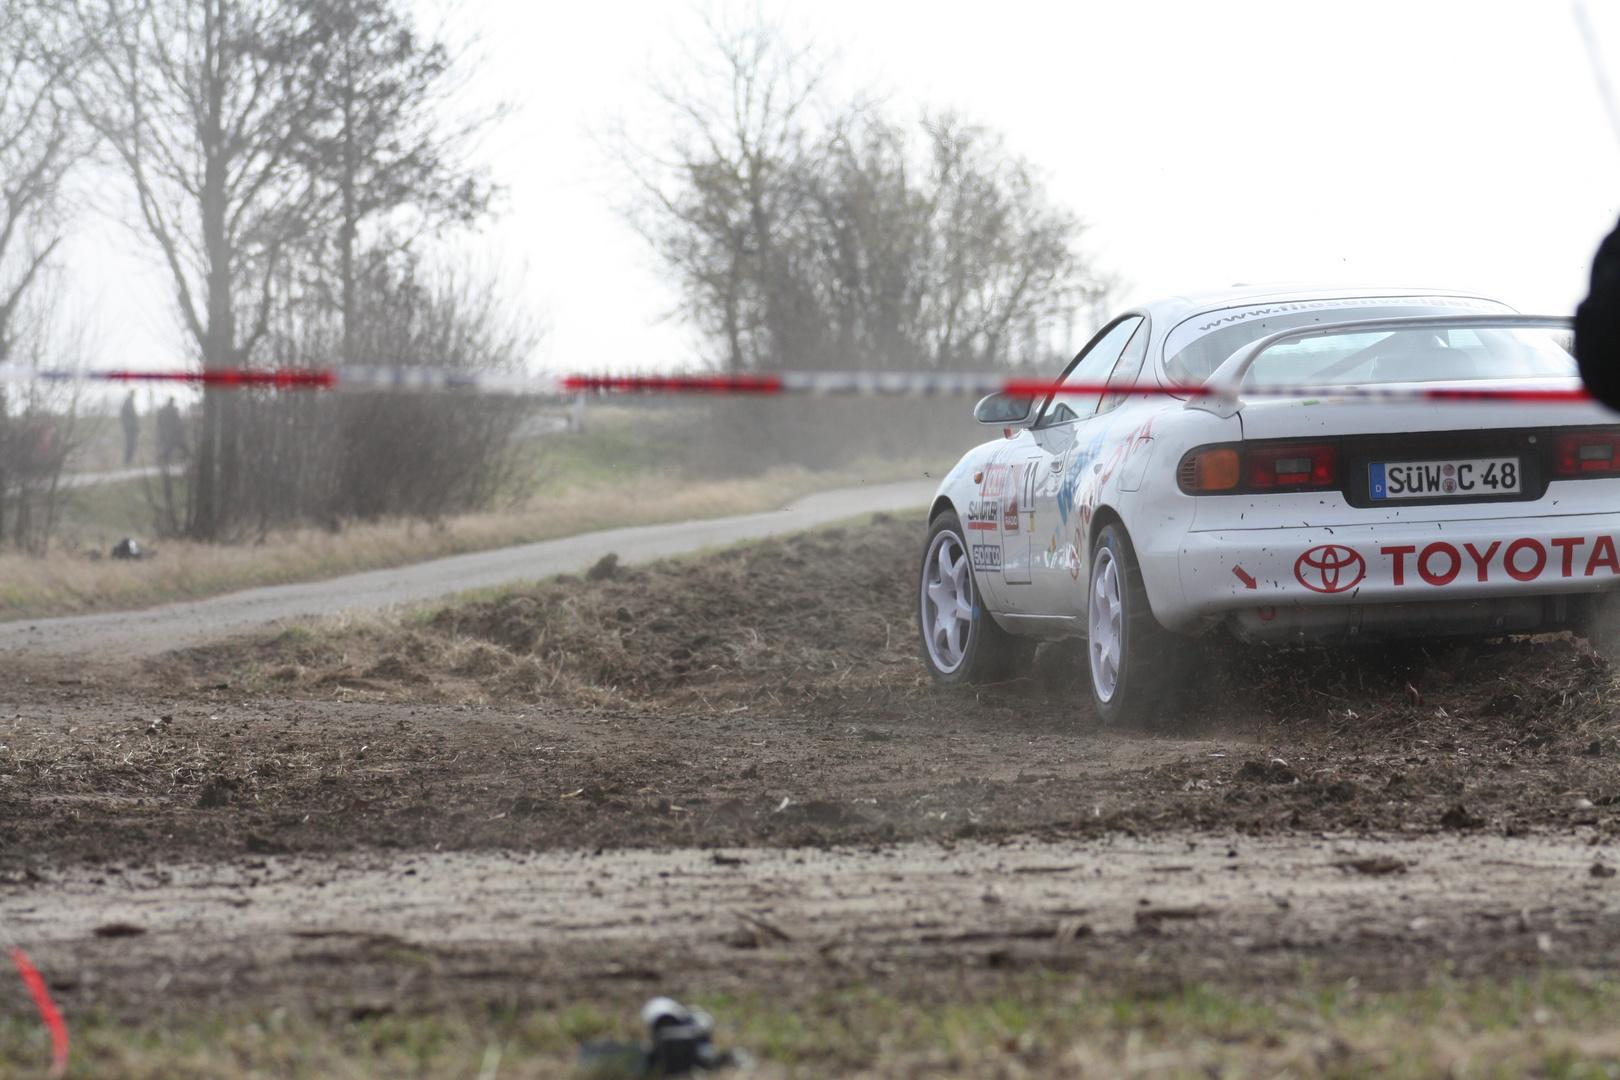 ... Rallye SÜW, Toyota, uiuiui ...